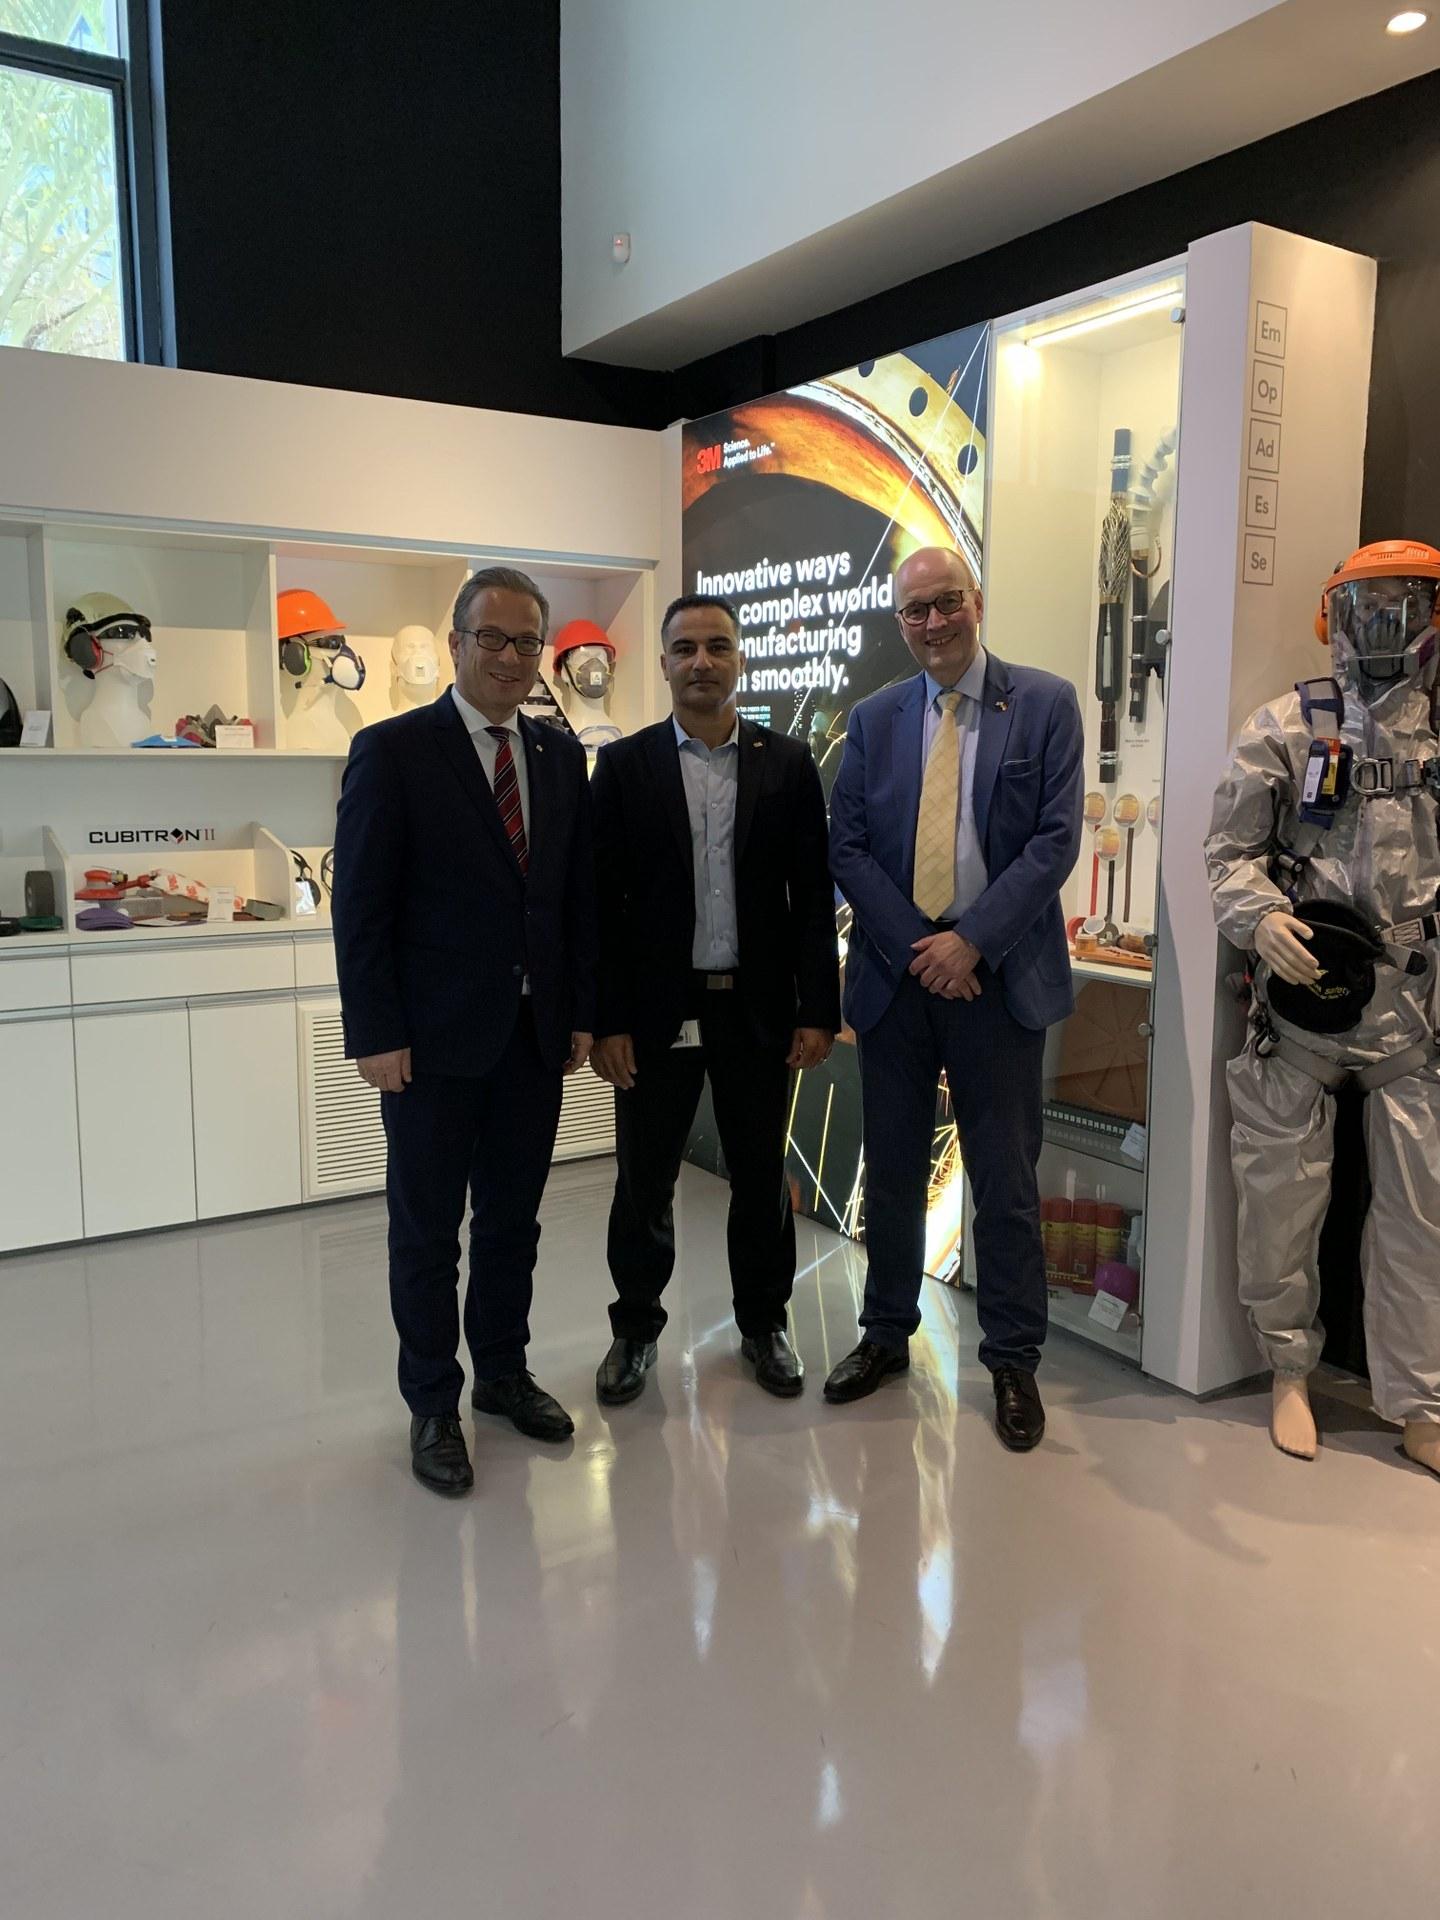 Besuch bei 3M in Herzliya (v.l.) Bürgermeister Reiner Breuer mit Rotem Sahar von 3M und dem Ersten Beigeordneten und Kämmerer der Stadt Neuss Frank Gensler..jpg